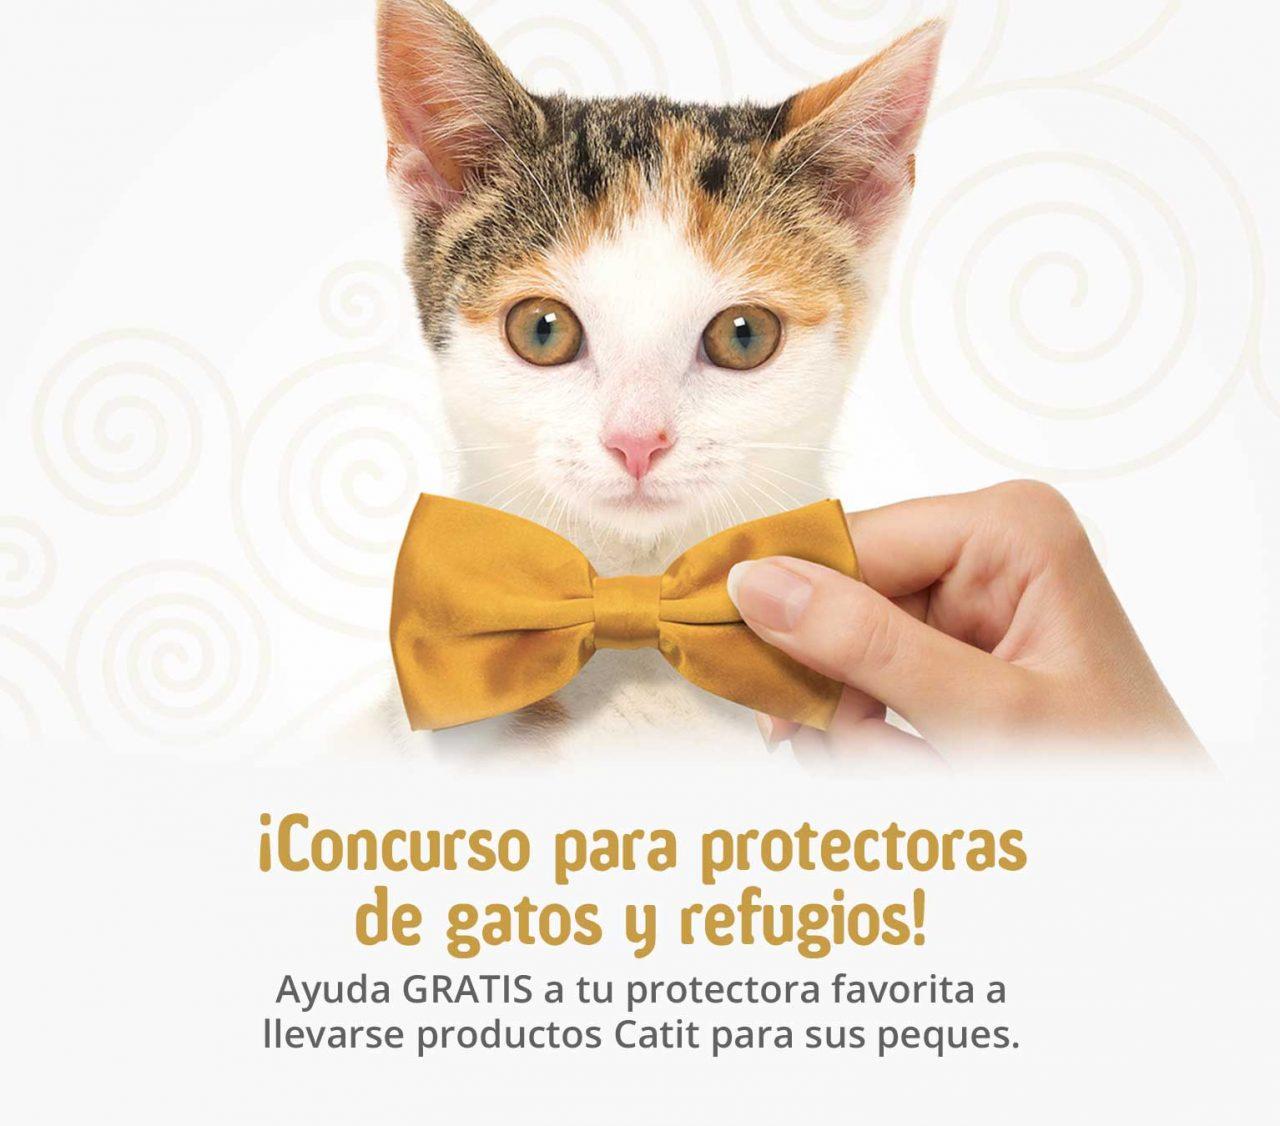 Concurso para protectoras de gatos y refugios